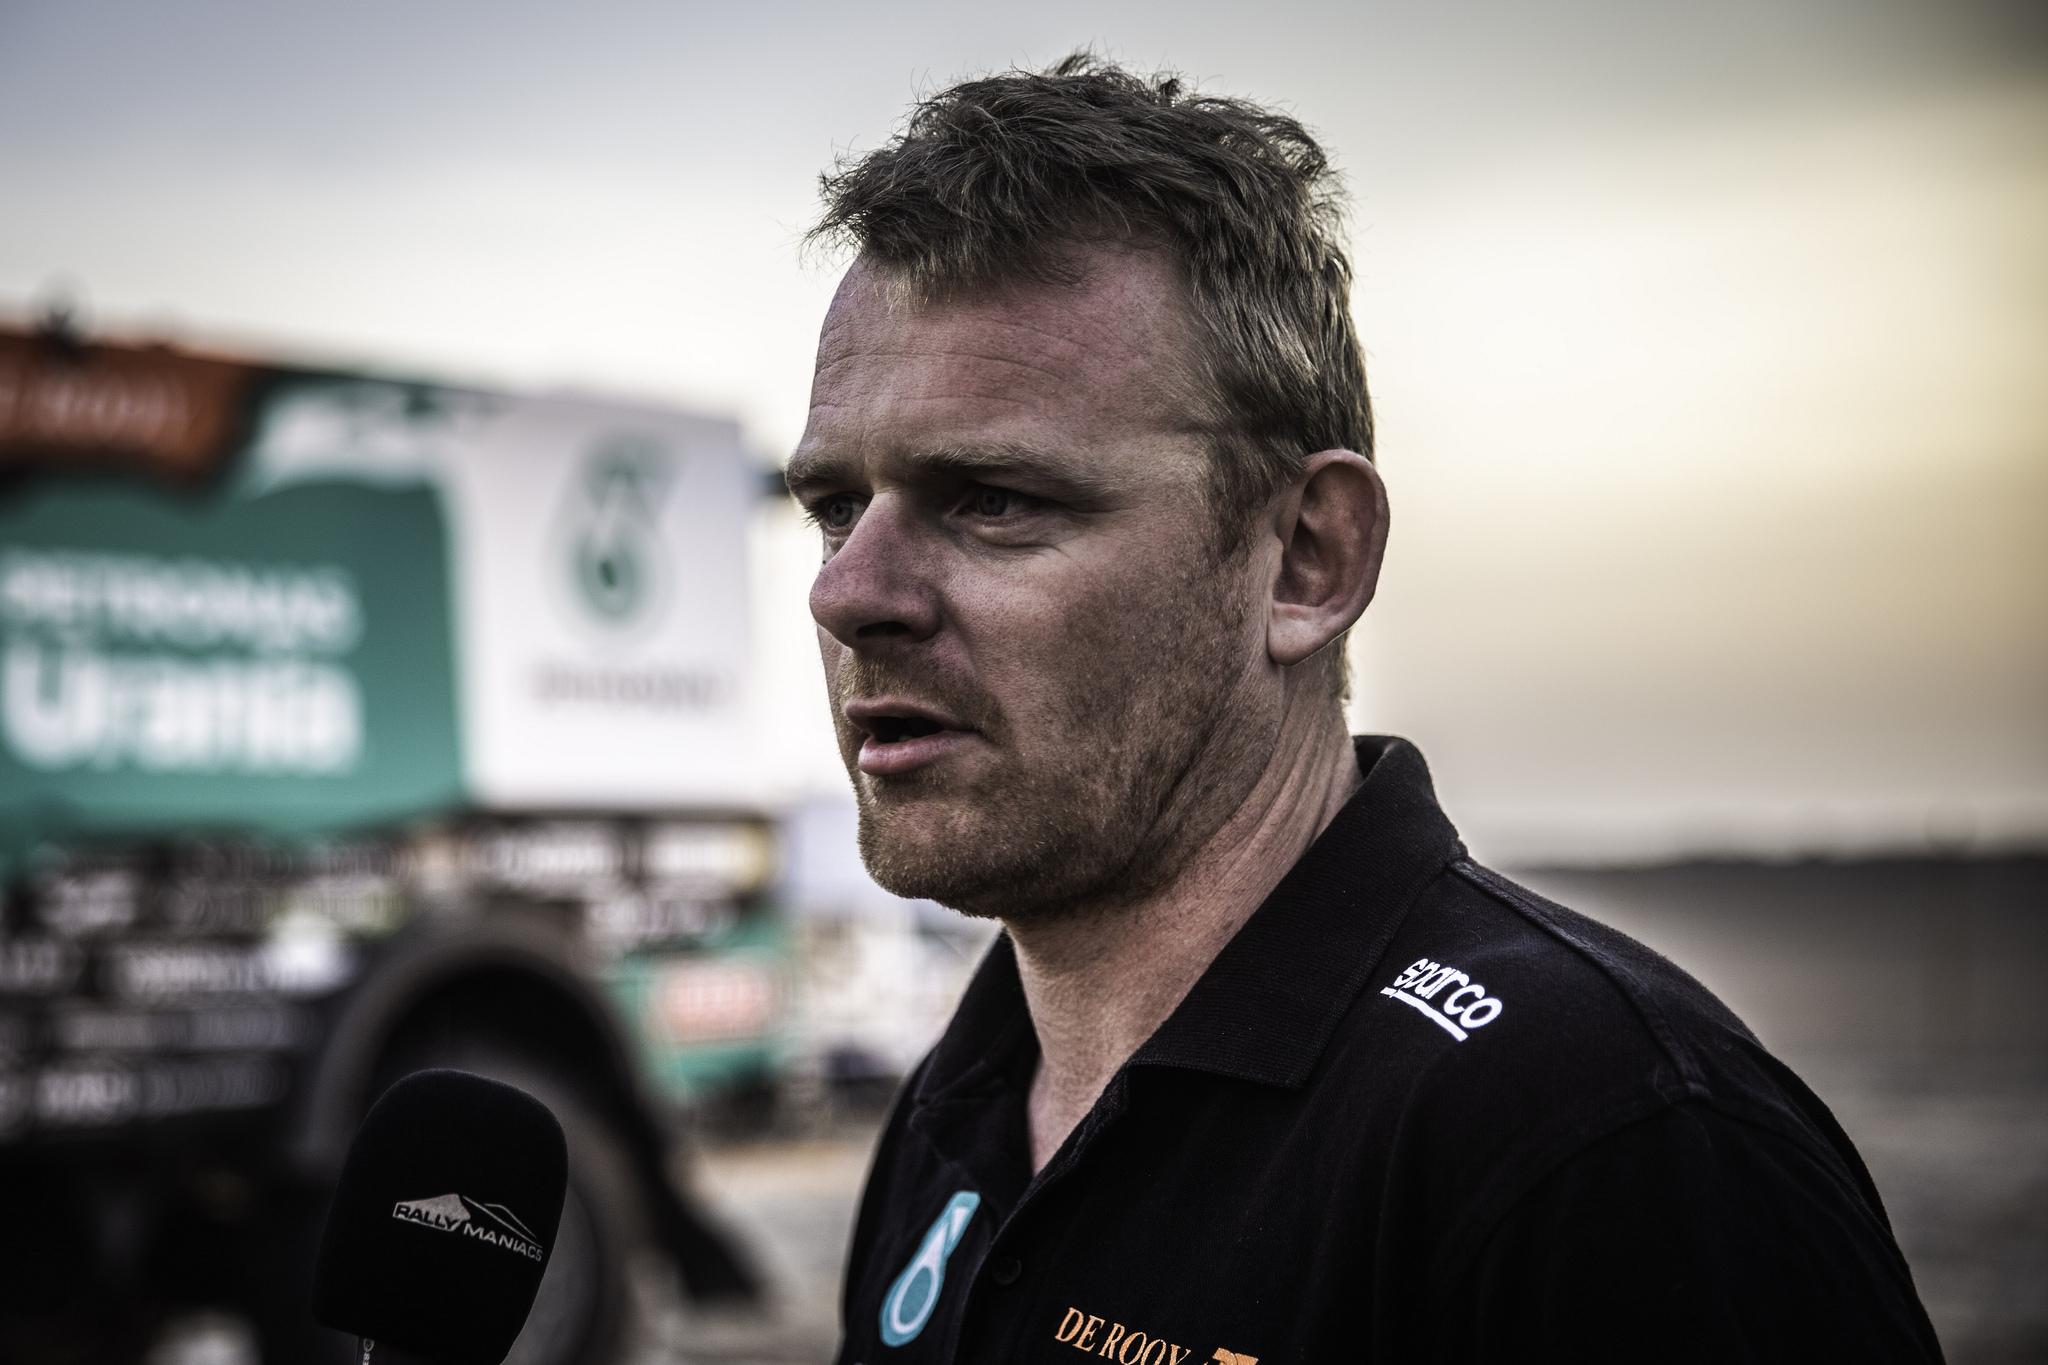 De Rooy maakt indruk in zware zevende etappe